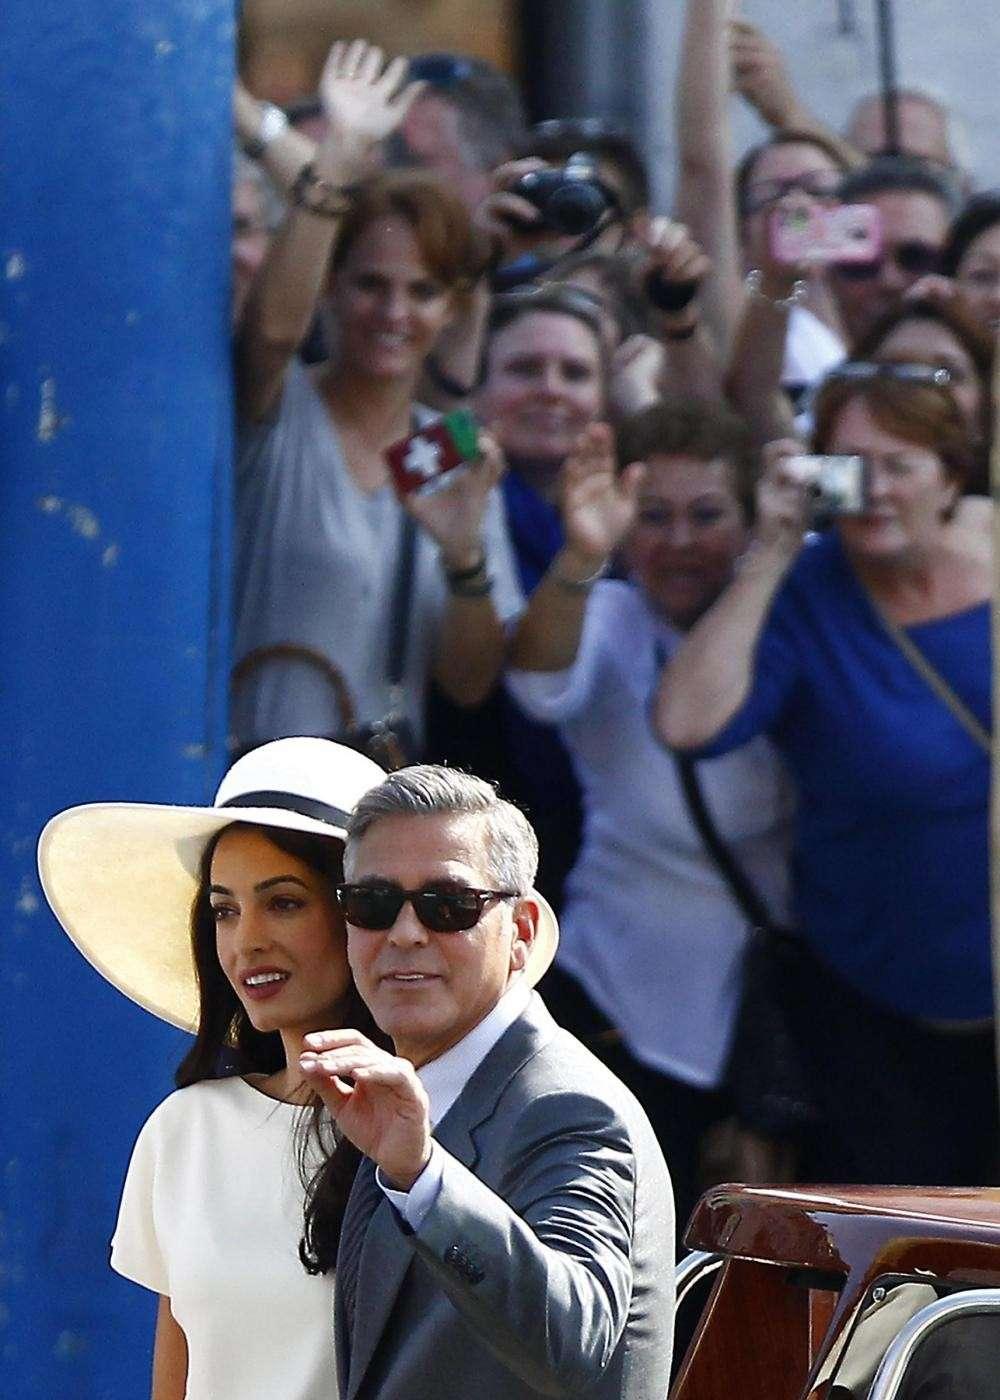 Folla di fan per i neo sposi vip